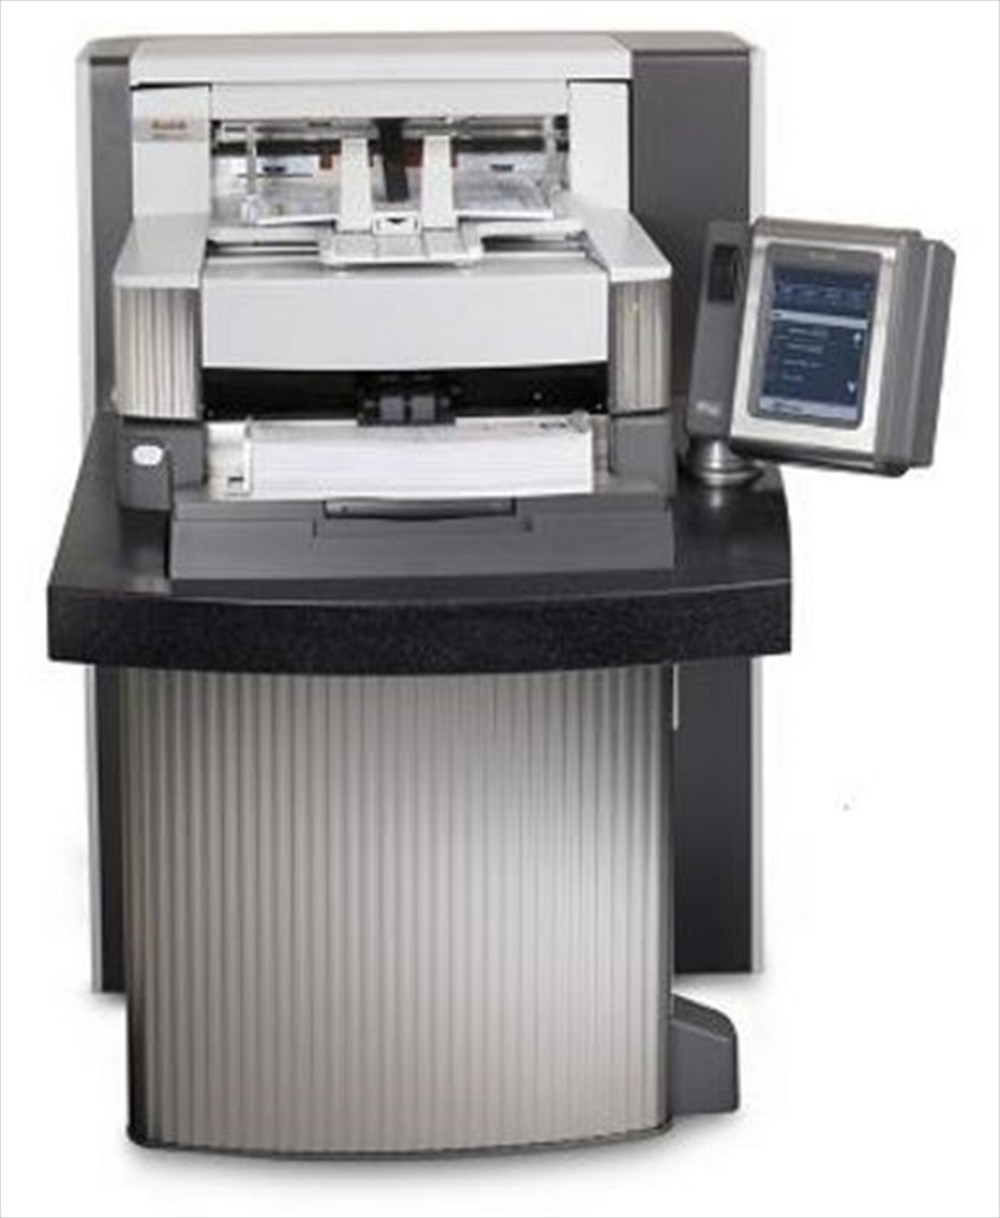 Kodak i1860 Scanner